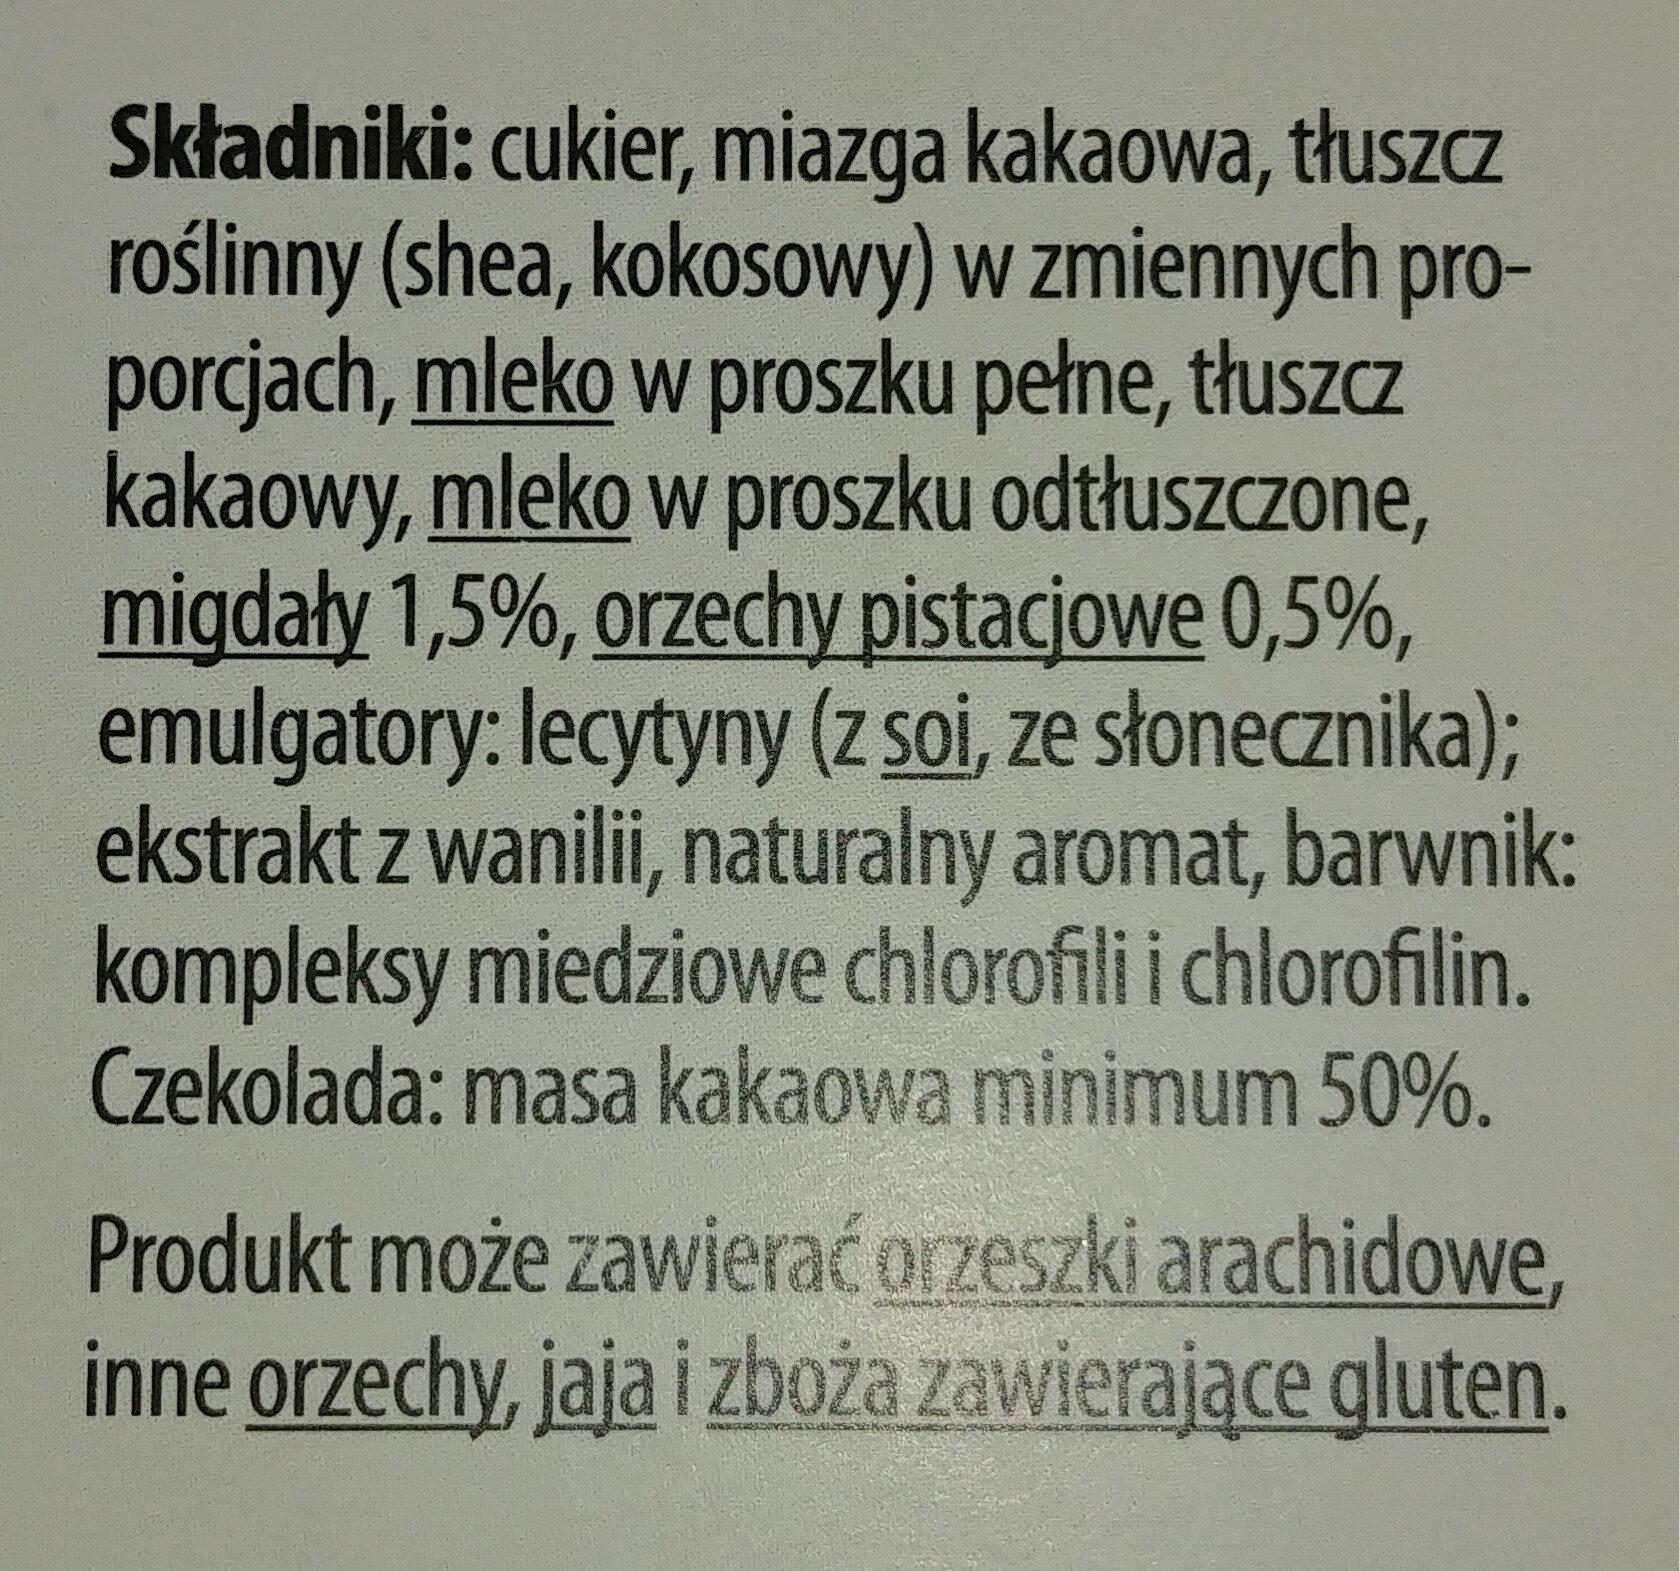 Czekolada deserowa z nadzieniem o smaku pistacjowym z kawałkami migdałów i orzechów pistacjowych - Składniki